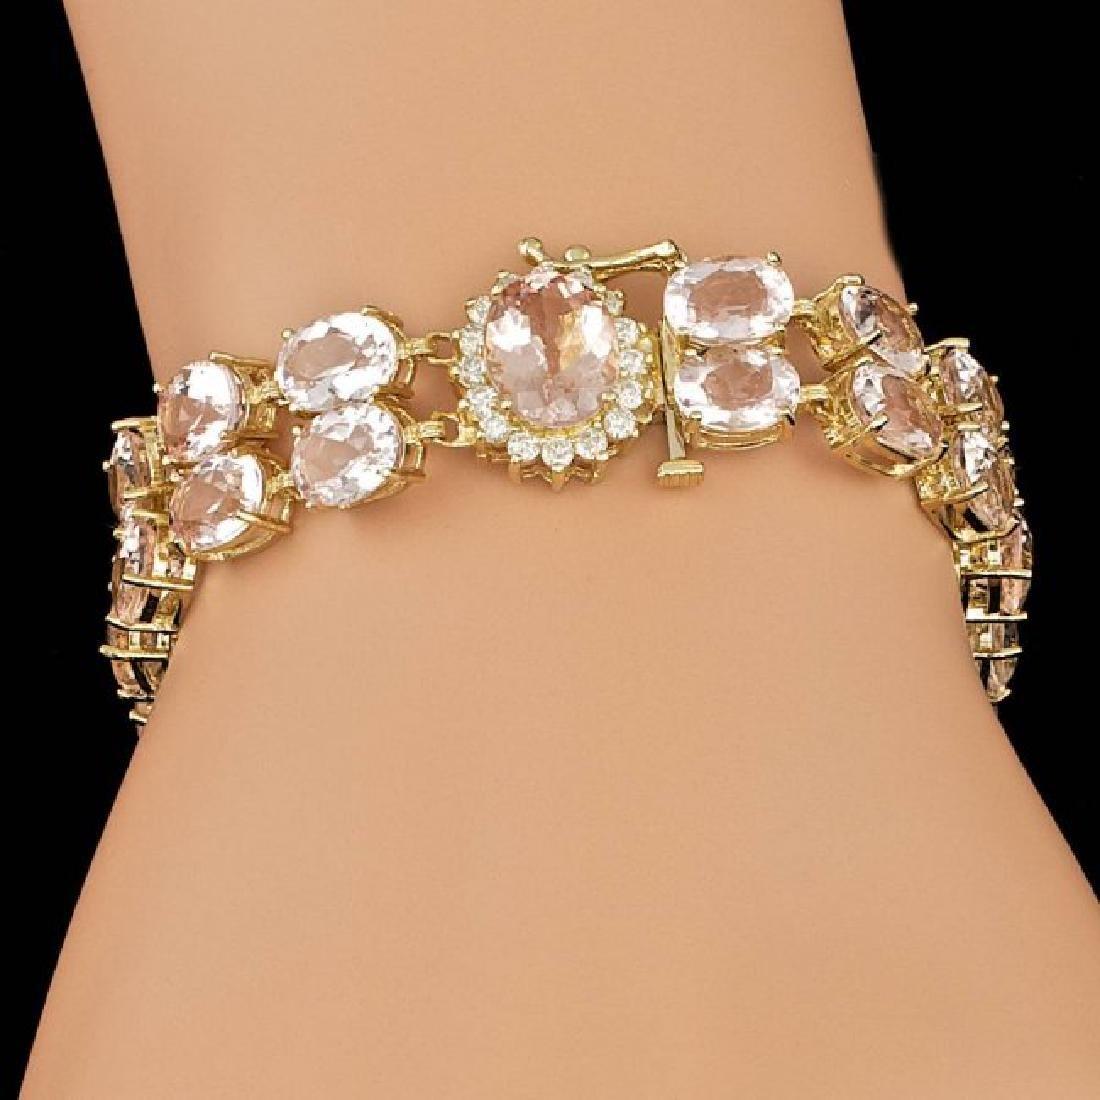 14k Gold 41.5ct Morganite 0.60ct Diamond Bracelet - 5